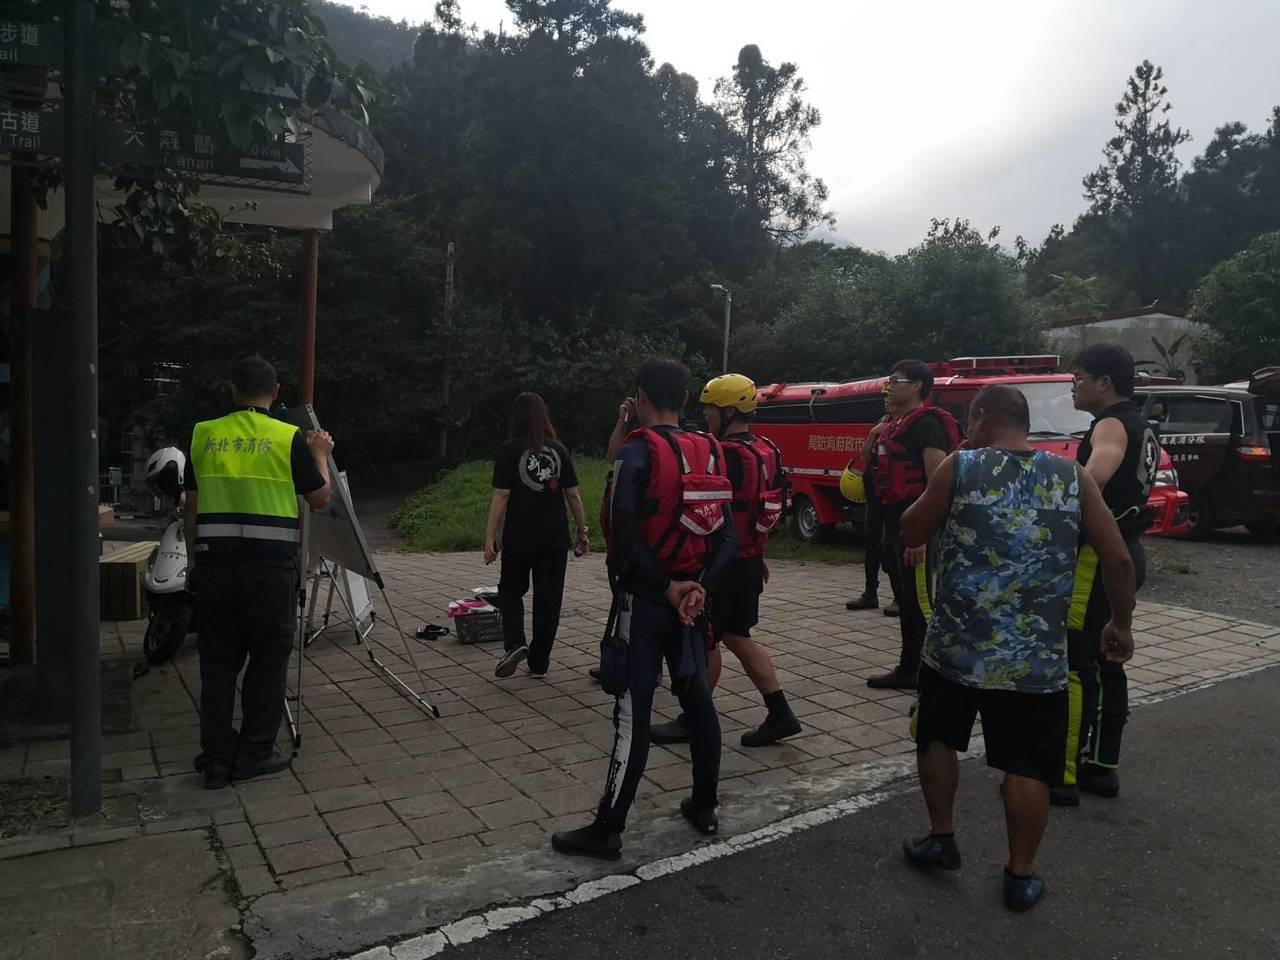 警消派出多名人力,趕赴現場協助搜救中。記者柯毓庭/翻攝